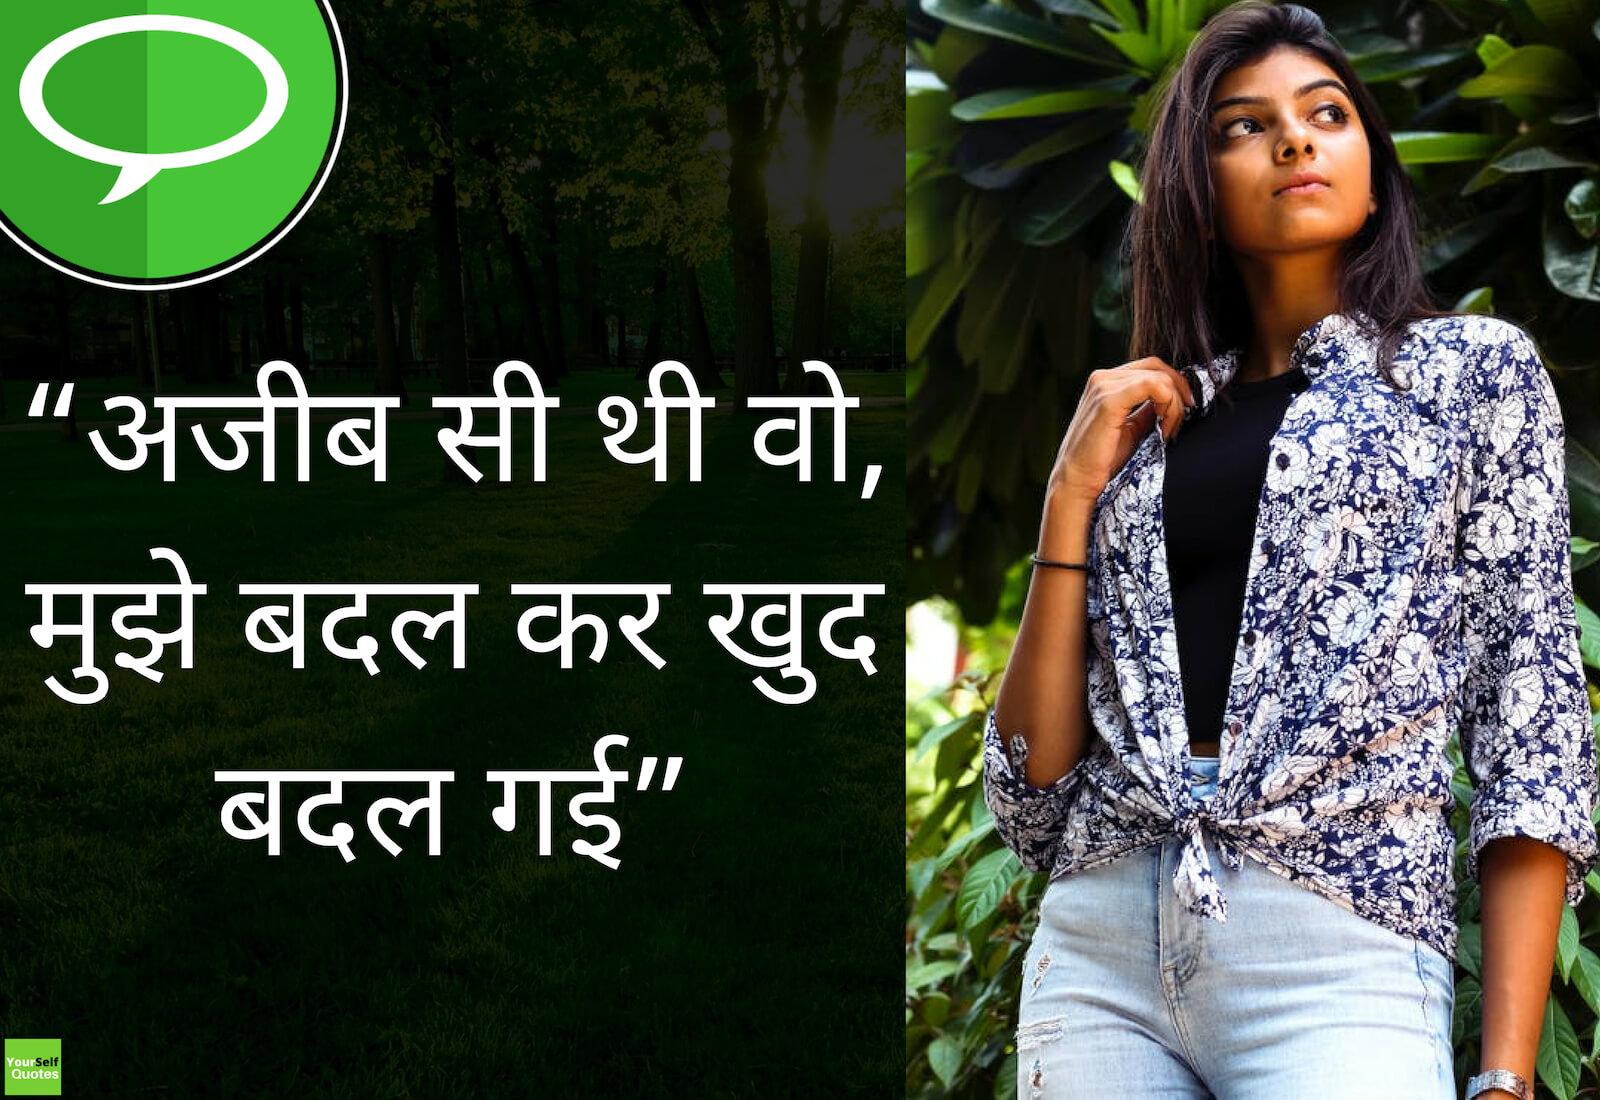 best dard shayari status hindi for girlfriend